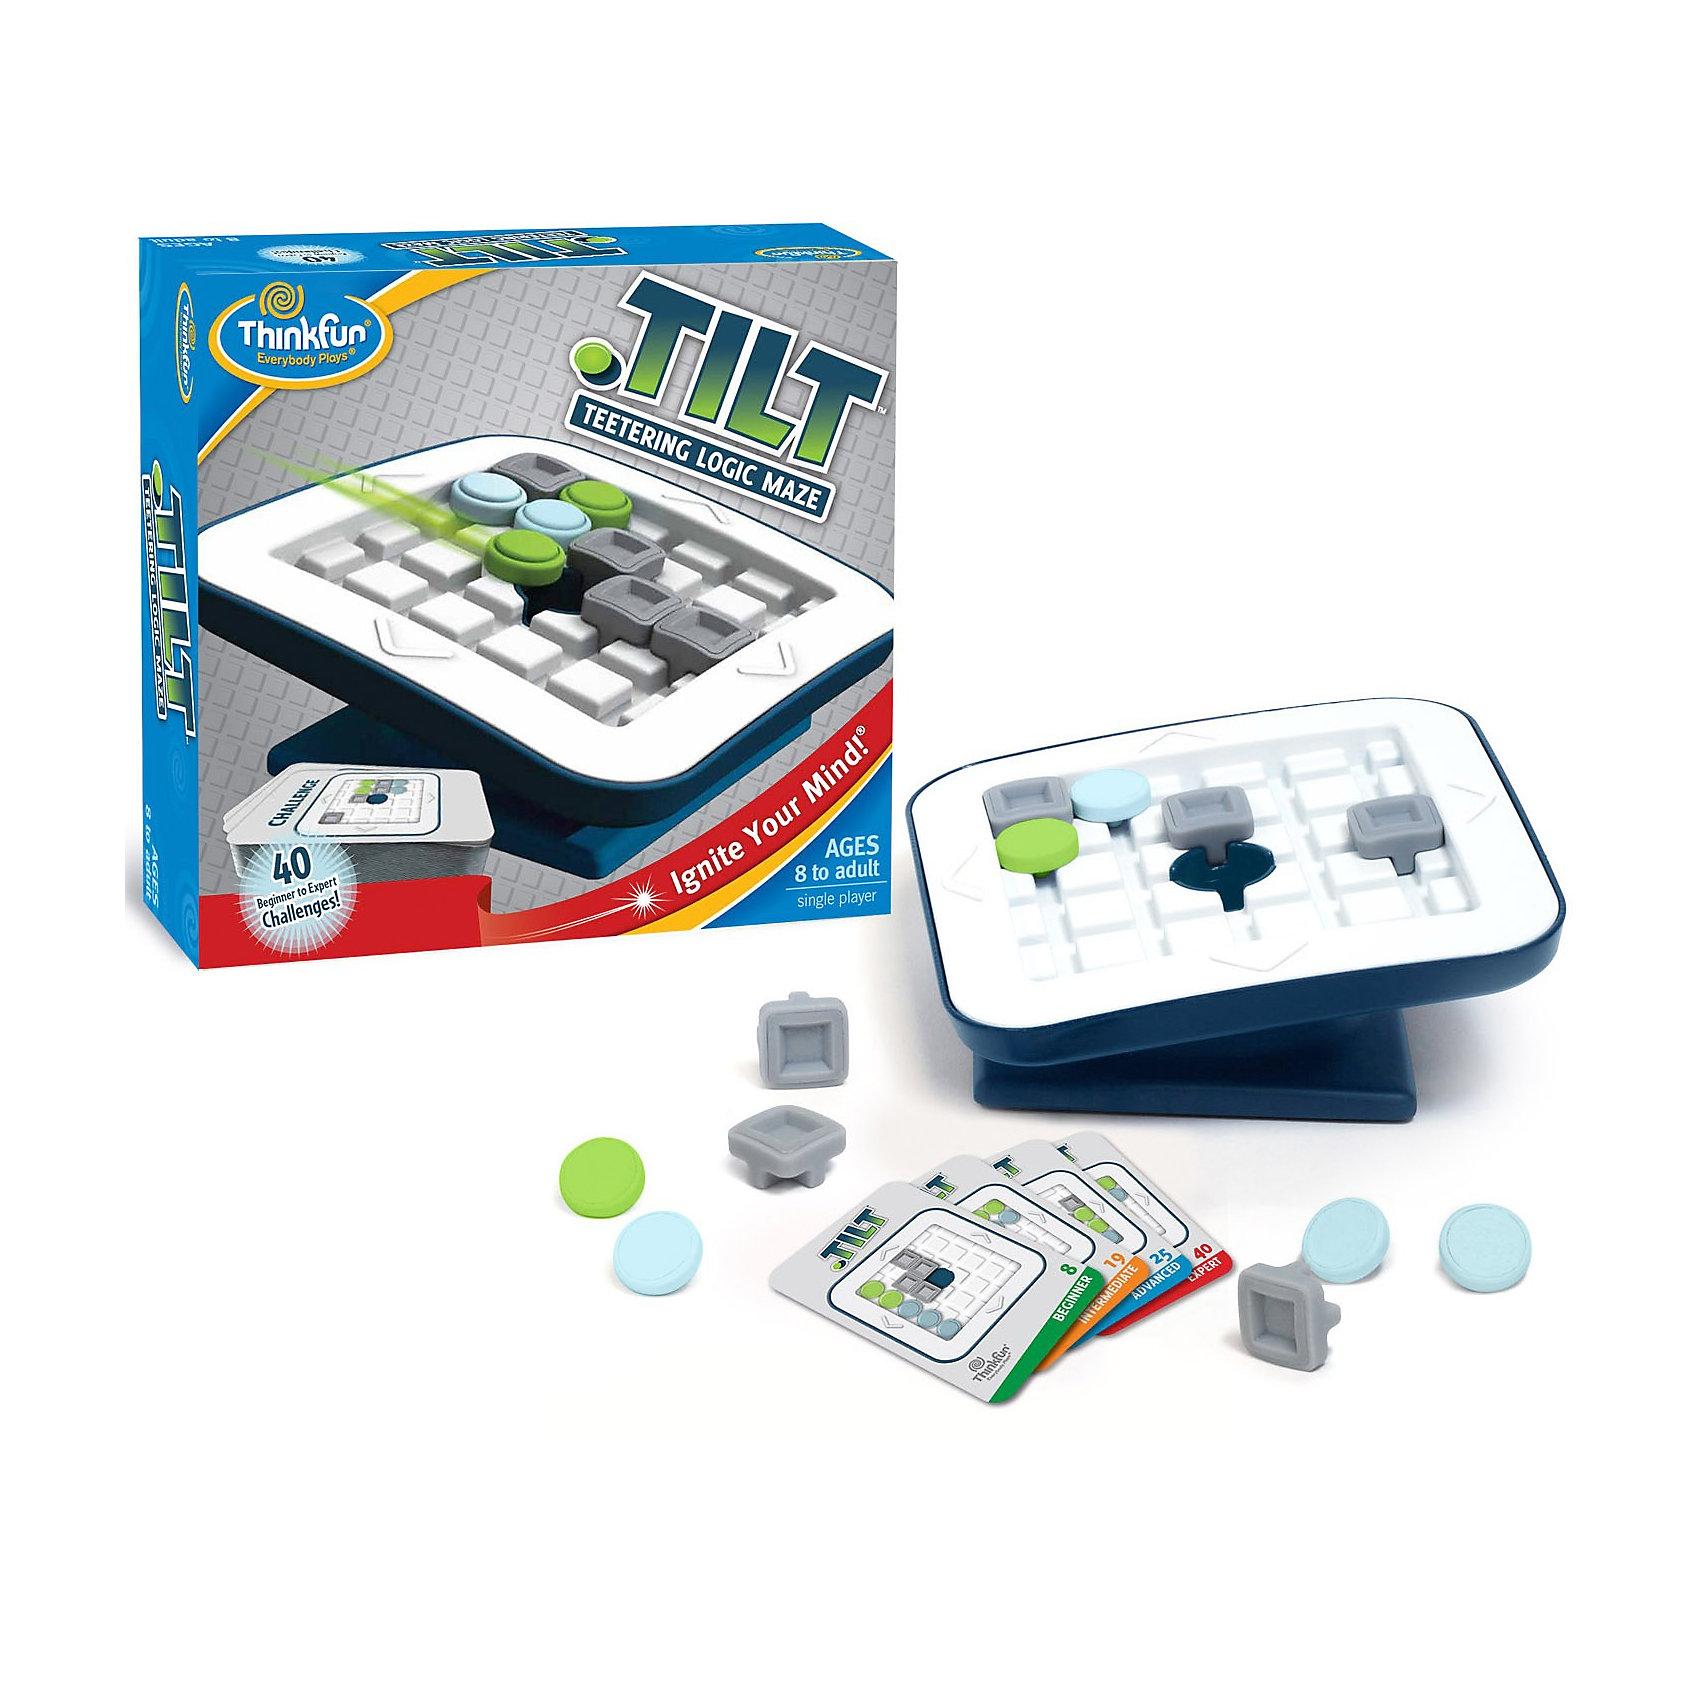 Настольная игра Скользящие фишки, ThinkfunНастольная игра Скользящие фишки от Thinkfun. <br><br>Цель игры: добиться того, чтобы зеленые фишки провалились в лунку в середине игрового поля, при этом, не допустить падения в лунку синих фишек.<br><br>Подготовка: разместите элементы игры на поле как показано на карточке с заданием.<br>Существует три типа элементов:<br>- Квадратные серые блоки будут находиться на своих местах в течение всей игры.<br>- Круглые синие фишки будут скользить по полю.<br>- Круглые зеленые фишки будут скользить по полю.<br><br>Как играть:<br>- Наклоняйте игровое поле, чтобы фишки скользили по игровому полю в сторону уклона. Все фишки должны доезжать до упора: либо до блока, либо до края поля.<br>- Когда все зеленые фишки проваляться в лунку, при этом все синие фишки останутся на поле <br>– Вы победили!<br><br>Ширина мм: 210<br>Глубина мм: 230<br>Высота мм: 70<br>Вес г: 340<br>Возраст от месяцев: 96<br>Возраст до месяцев: 144<br>Пол: Унисекс<br>Возраст: Детский<br>SKU: 2433021